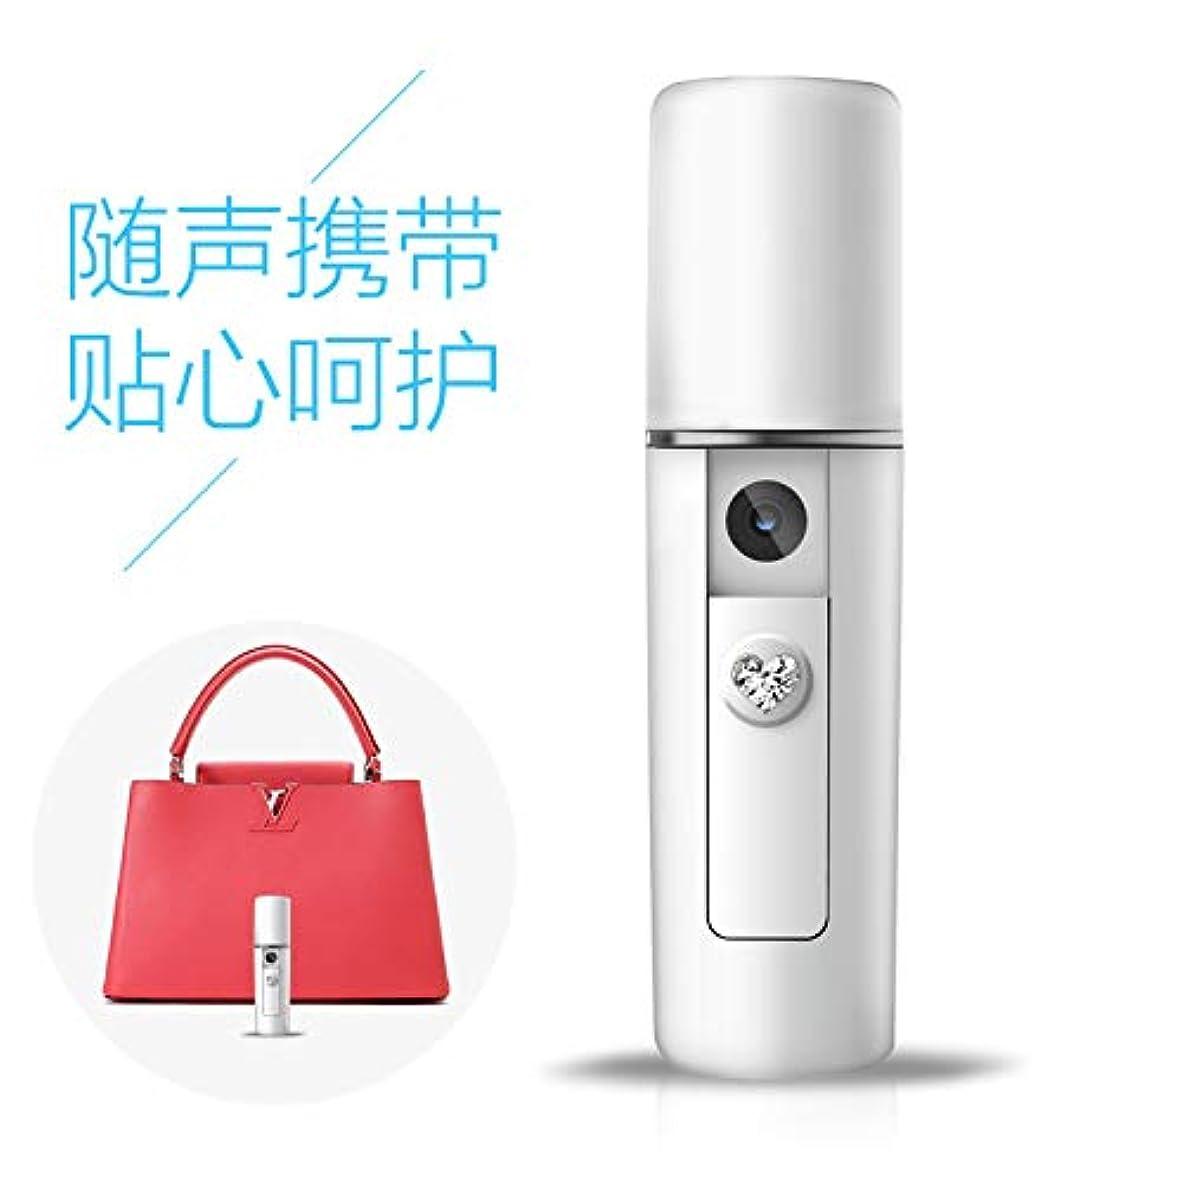 傑出したトラップ強いACHICOO フェイスモイスチャライジング美容機器usb充電ポータブルミストスプレーハンディ噴霧ミスターデバイス